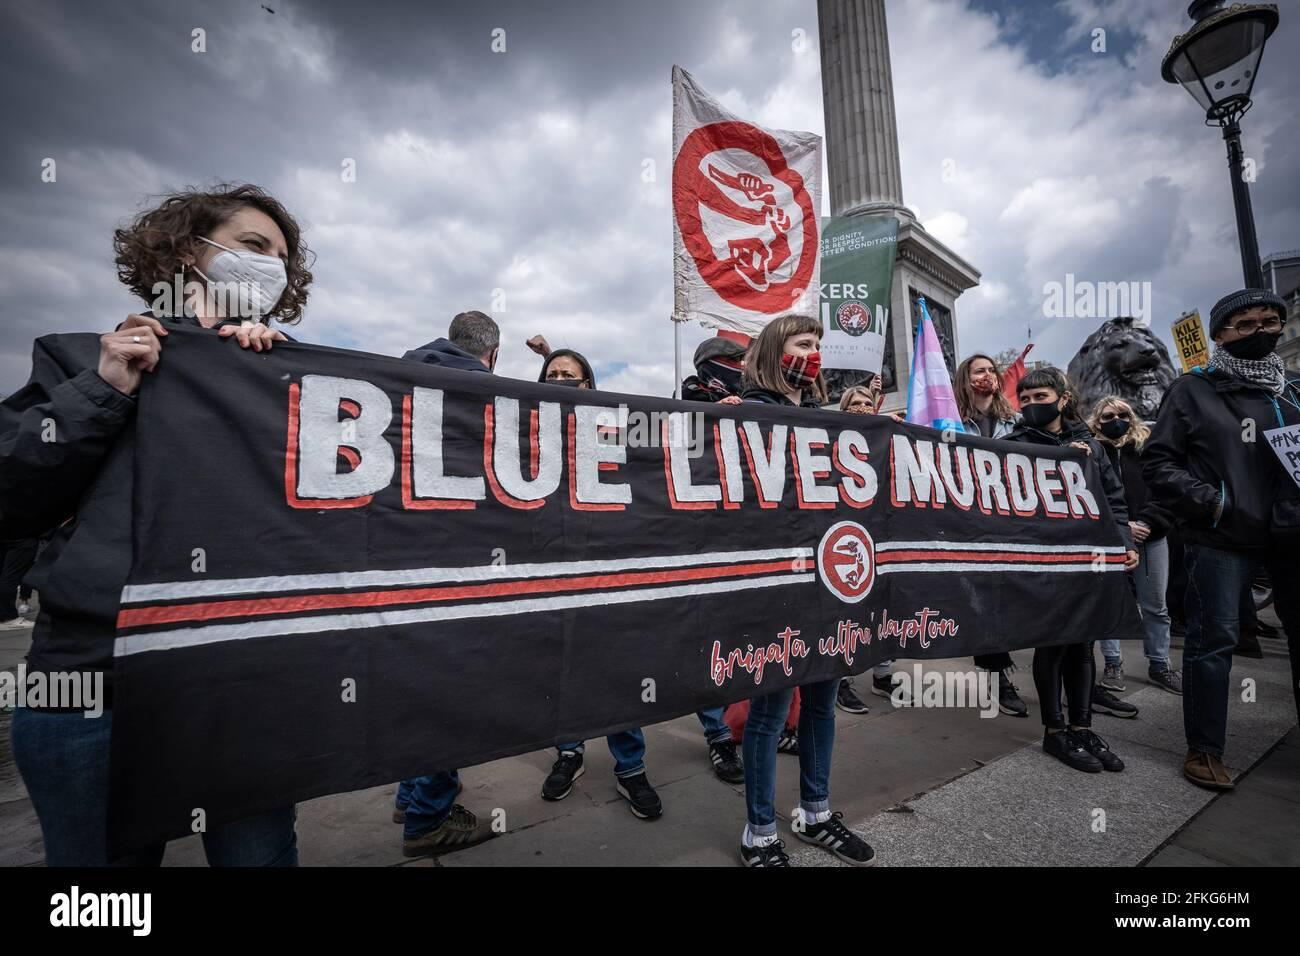 Londres, Royaume-Uni. 1er mai 2021. Tuez la protestation de Bill. Des milliers de personnes se rassemblent à Trafalgar Square pour se préparer à marcher contre un projet de loi récemment proposé sur la police, le crime, la détermination de la peine et les tribunaux le jour de mai (ou la fête du travail). De nombreux mouvements sociaux se sont unis pour protester contre ce projet de loi, qui, selon eux, mettrait des restrictions importantes à la liberté d'expression et de réunion, en donnant à la police le pouvoir de limiter les manifestations, entre autres mesures. Credit: Guy Corbishley/Alamy Live News Banque D'Images